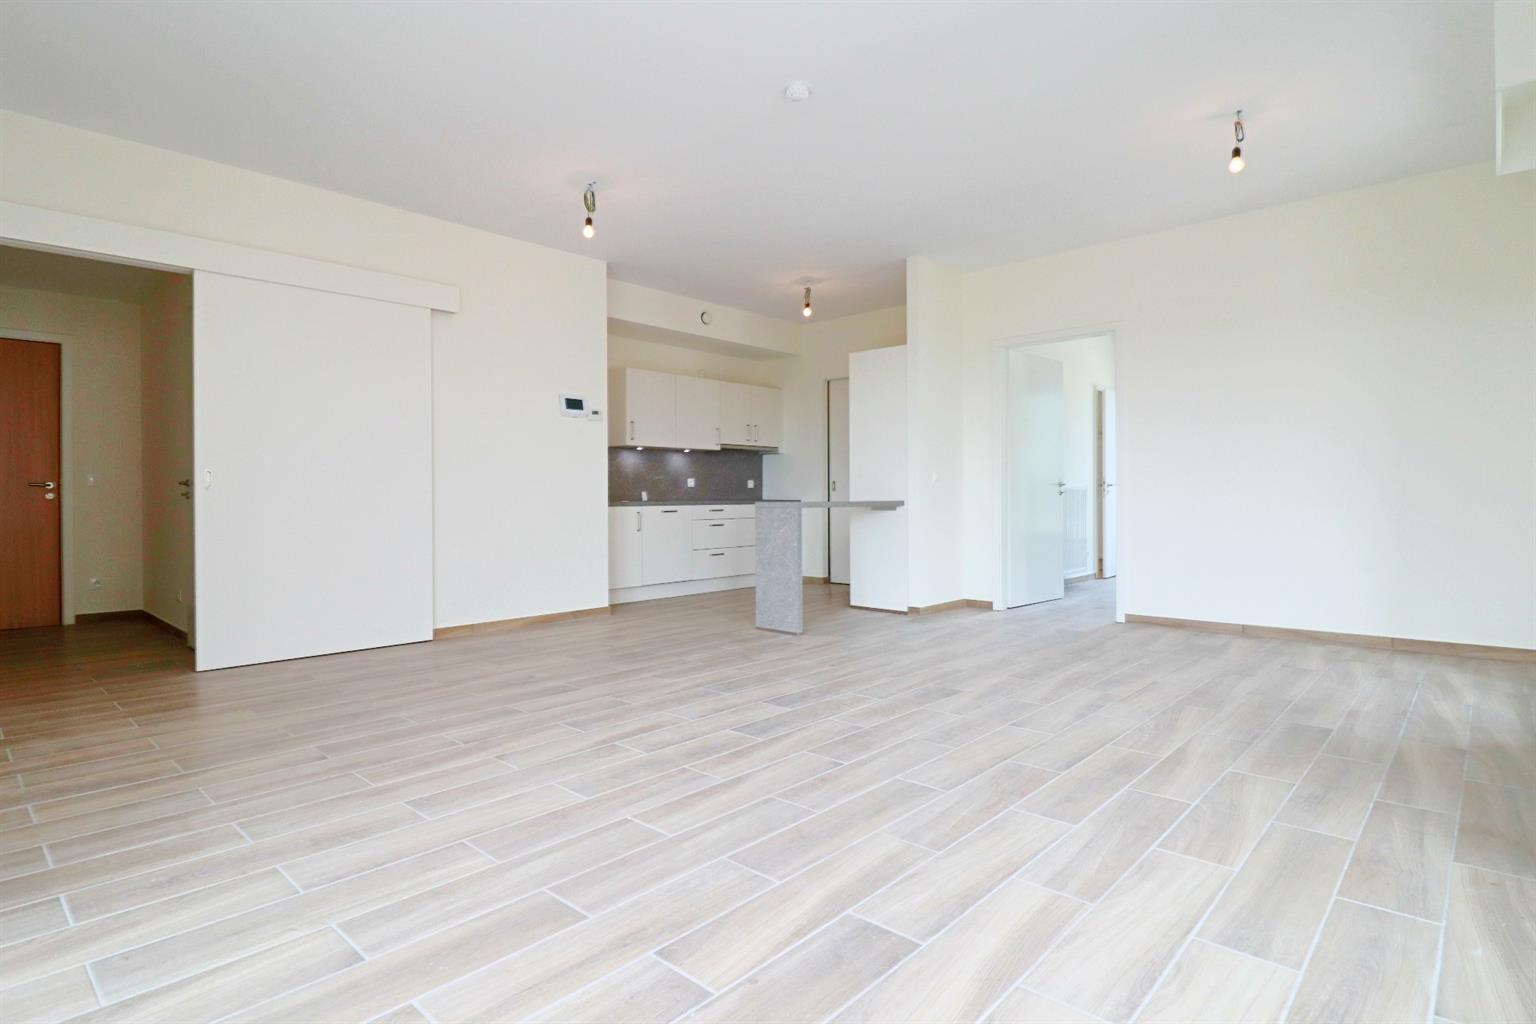 Appartement - Ottignies-Louvain-la-Neuve - #4406866-3